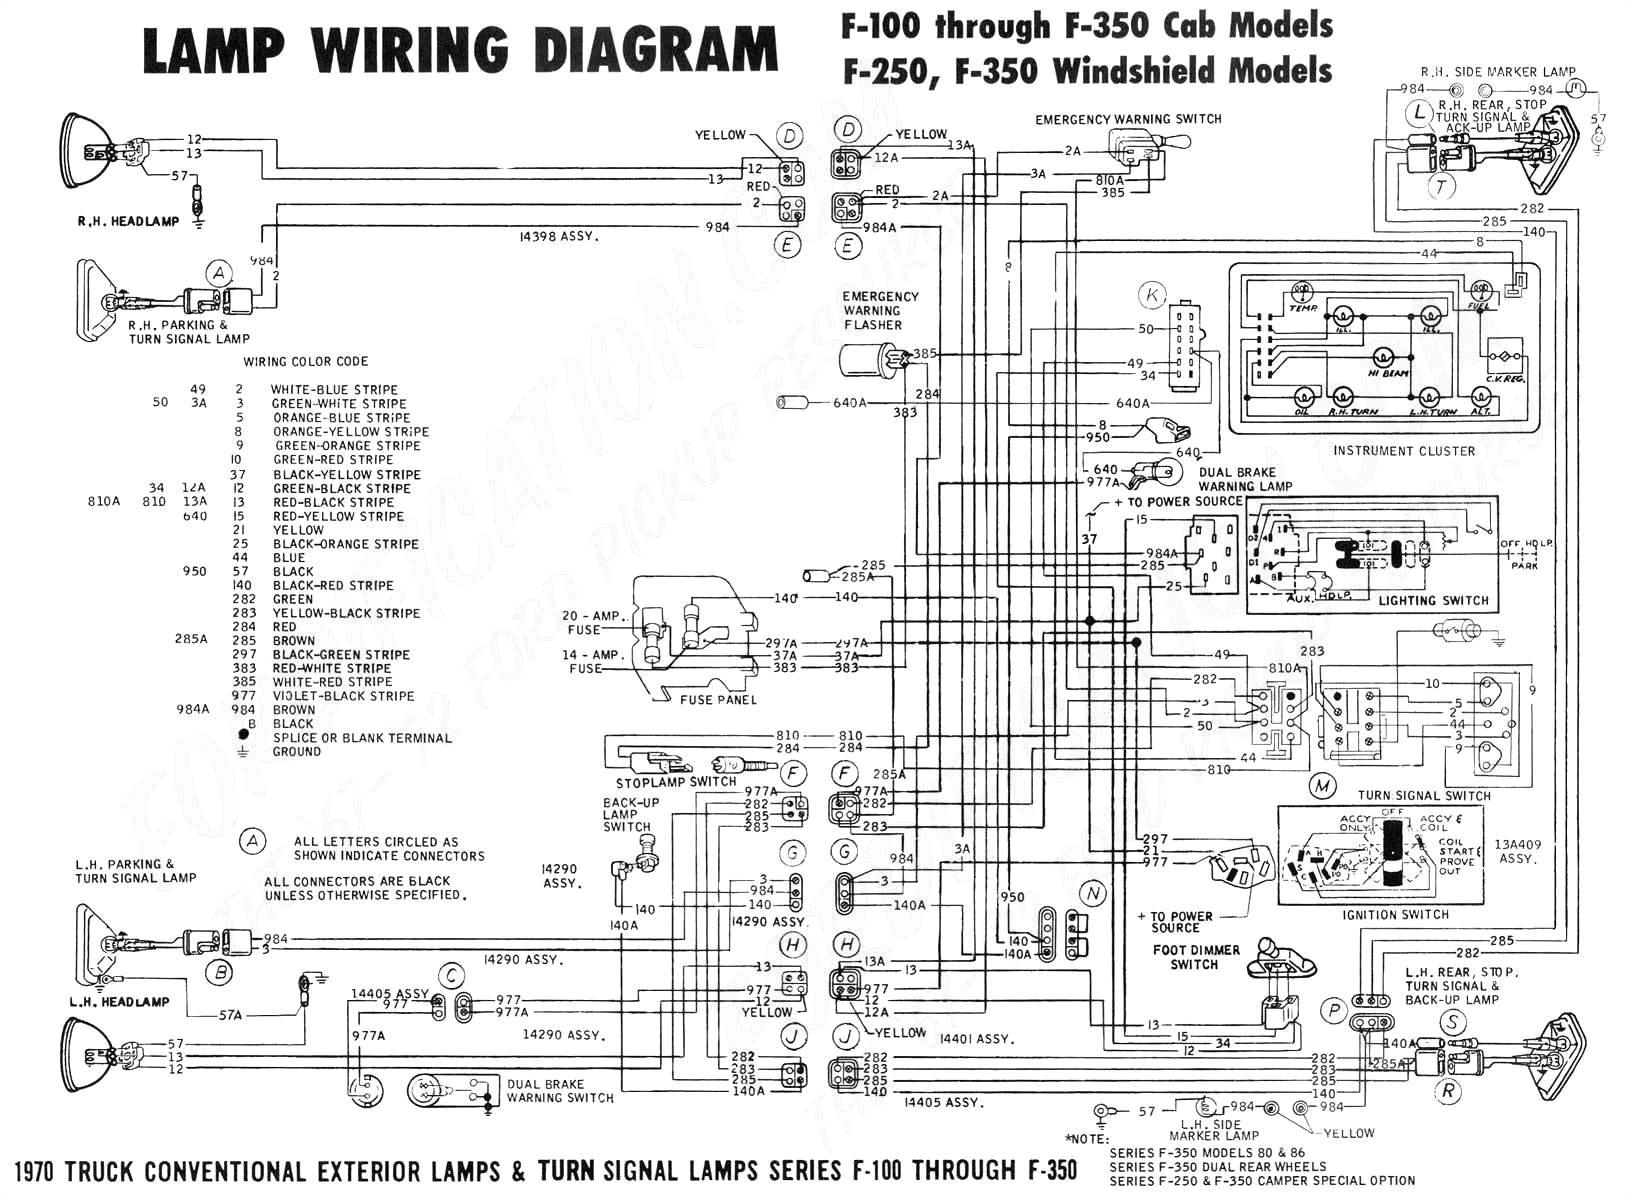 tappan hvac wiring diagram wiring diagram view tappan furnace wiring diagram wiring diagram img tappan hvac